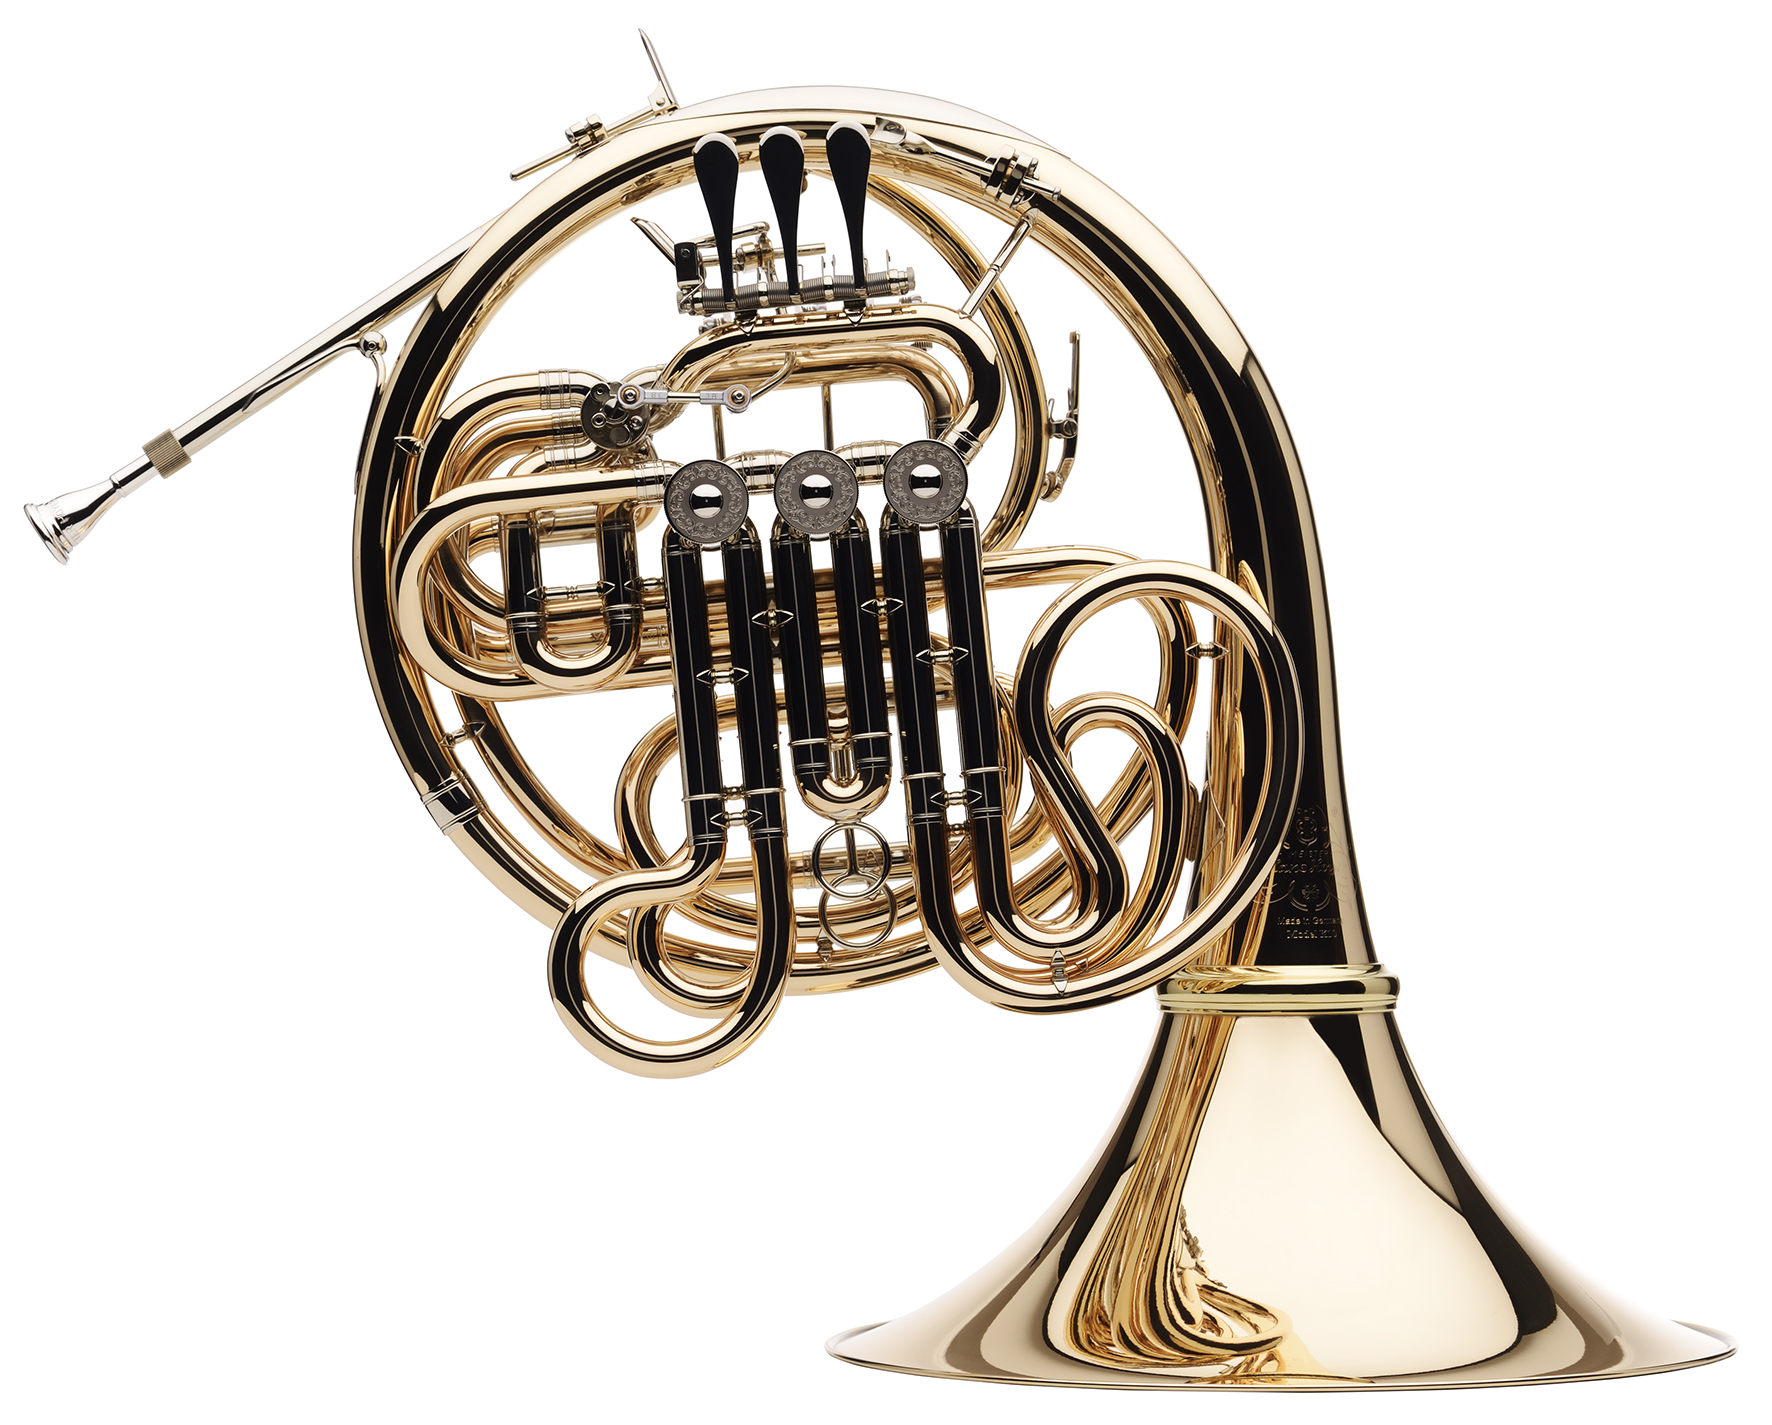 Hoyer - HH - K10L1GA - 1 - 0 - Blechblasinstrumente - Hörner | MUSIK BERTRAM Deutschland Freiburg